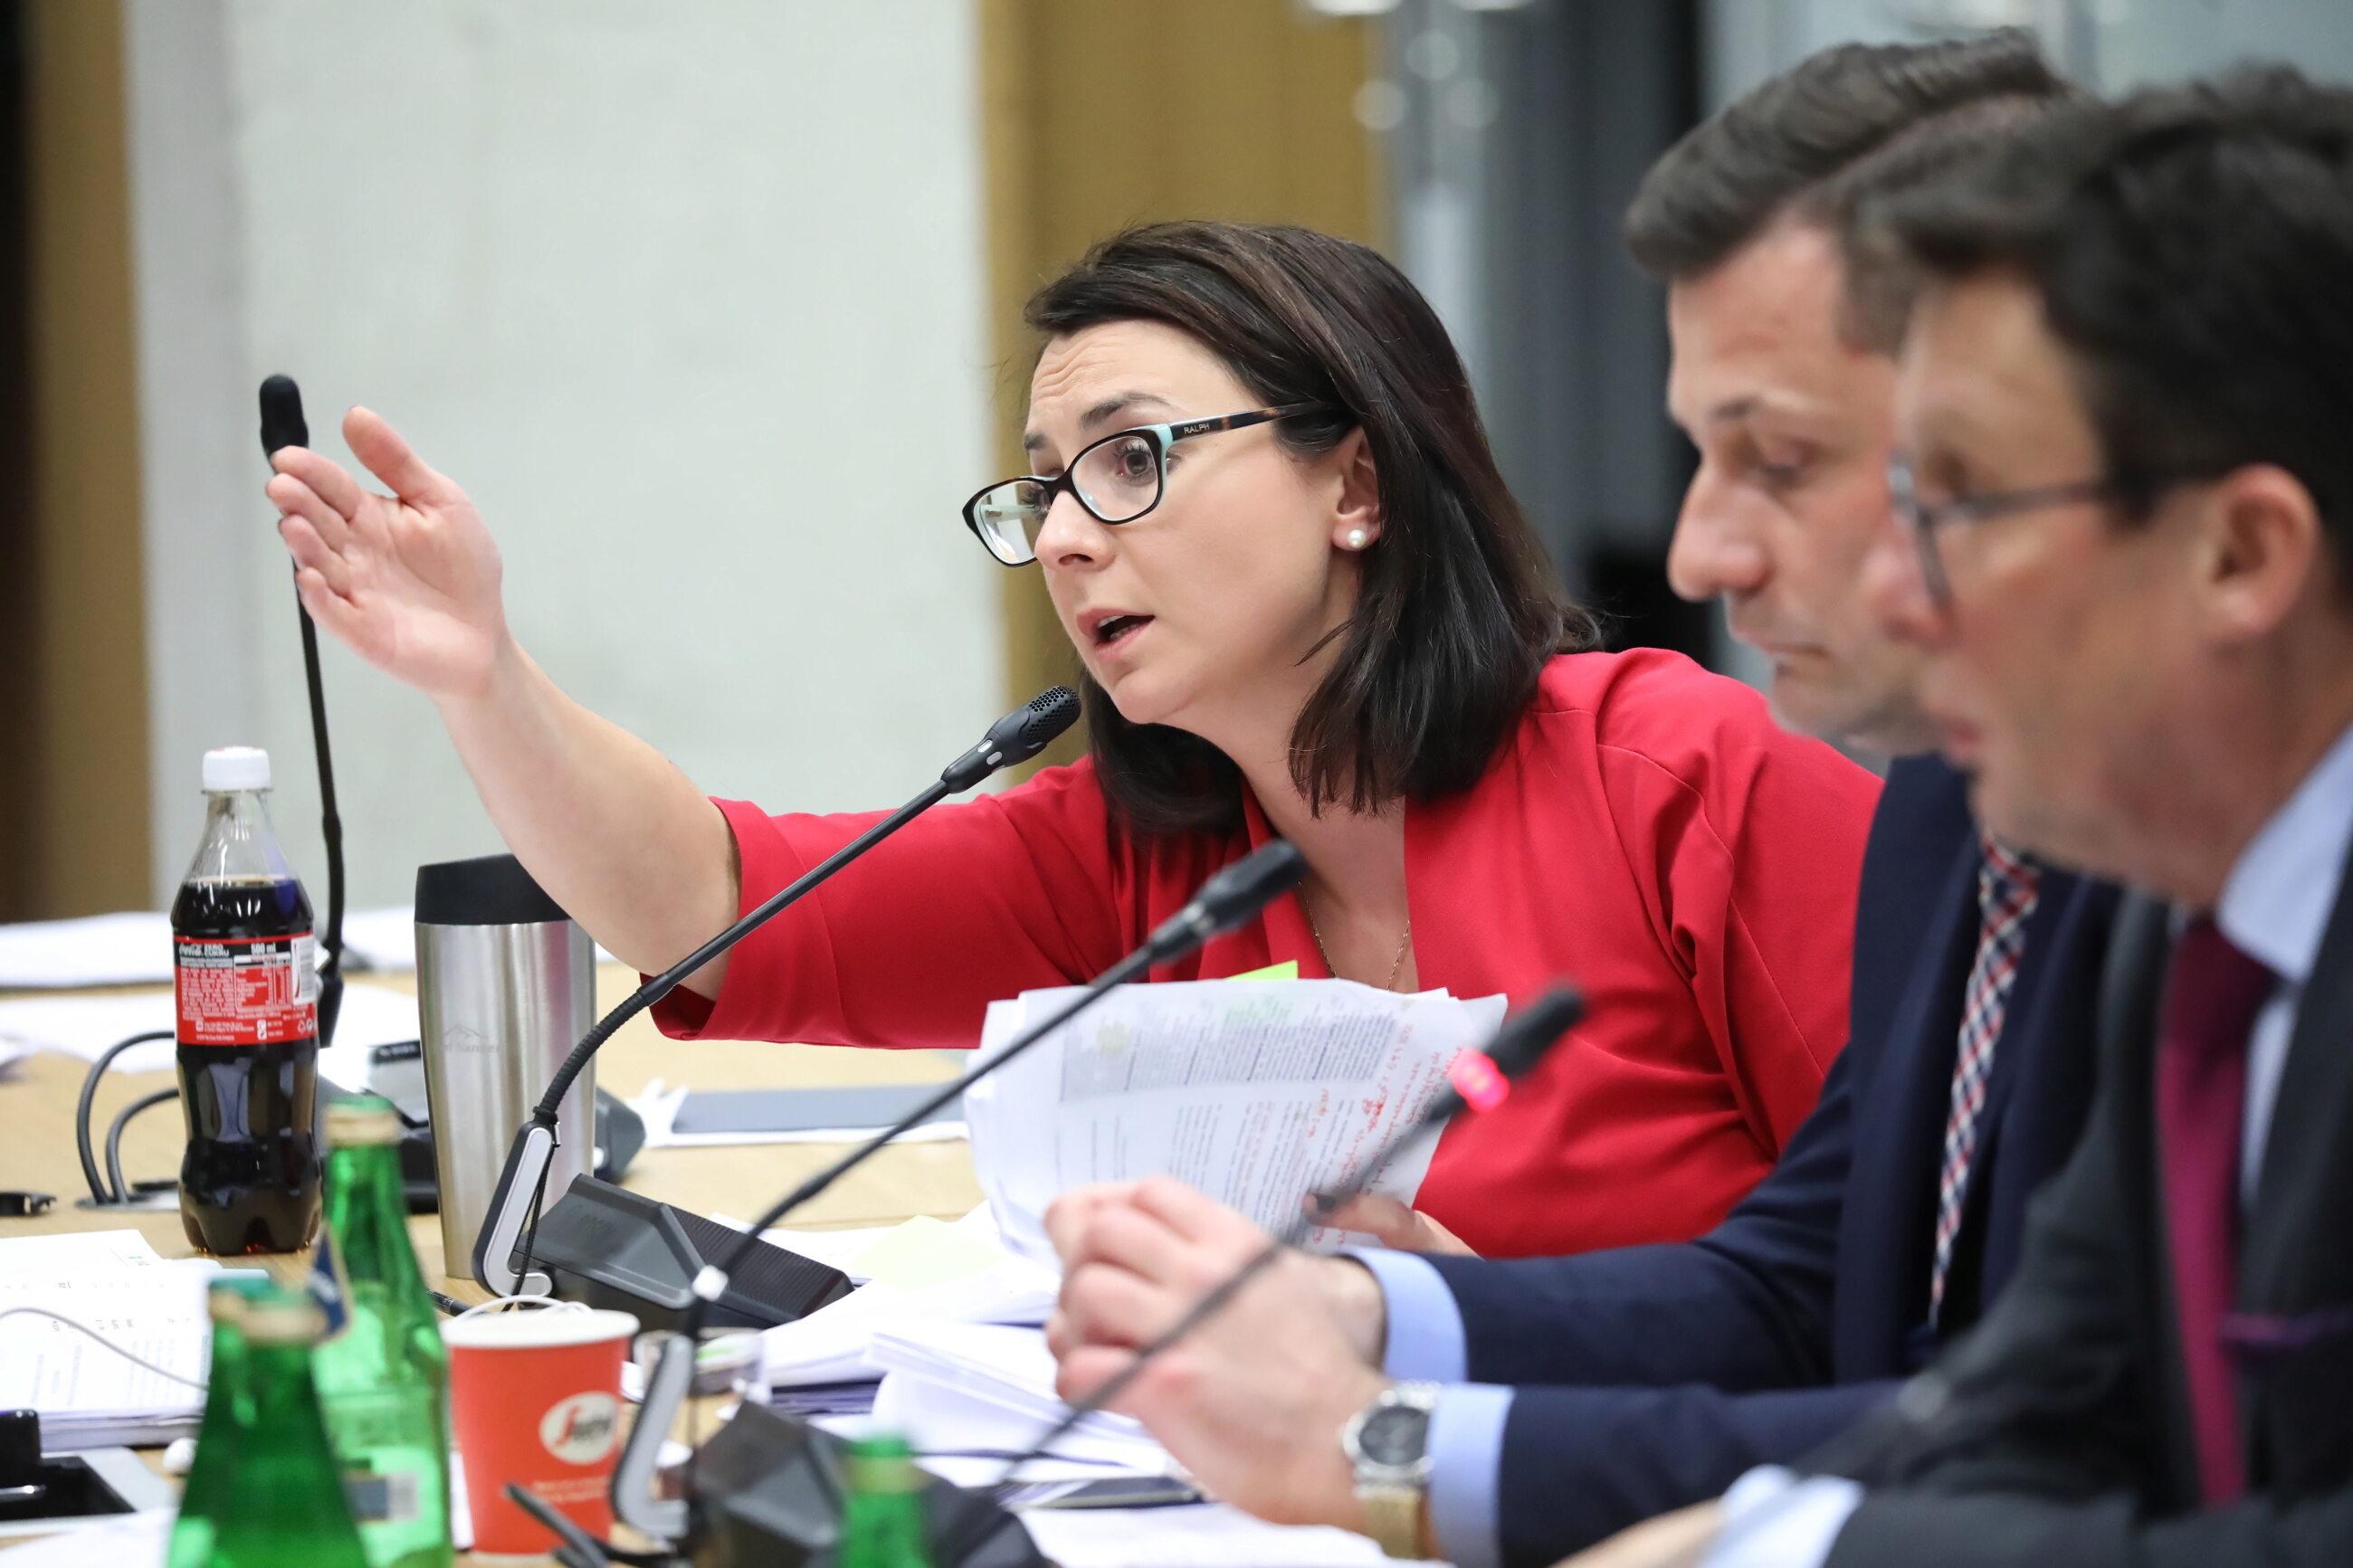 Kamila Gasiuk-Pihowicz, KO